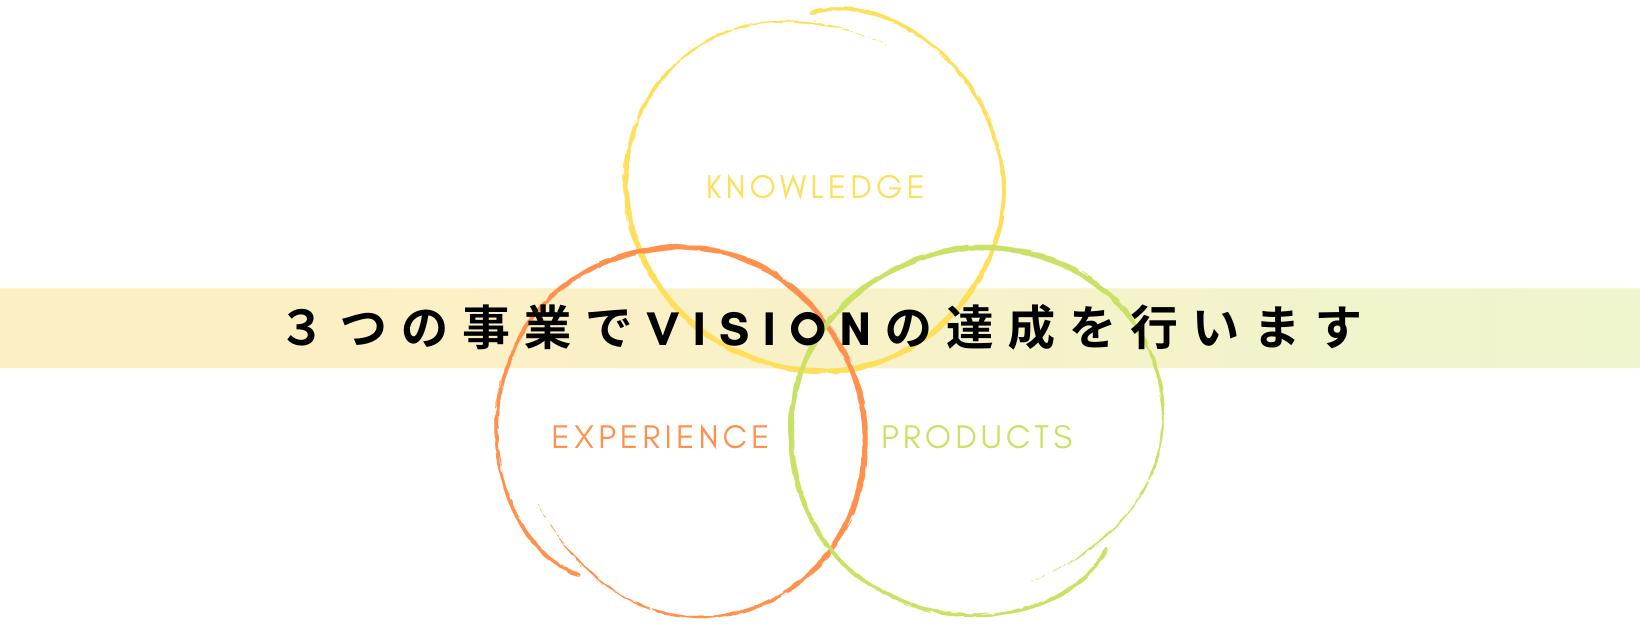 3つの事業でVISIONの達成を行います